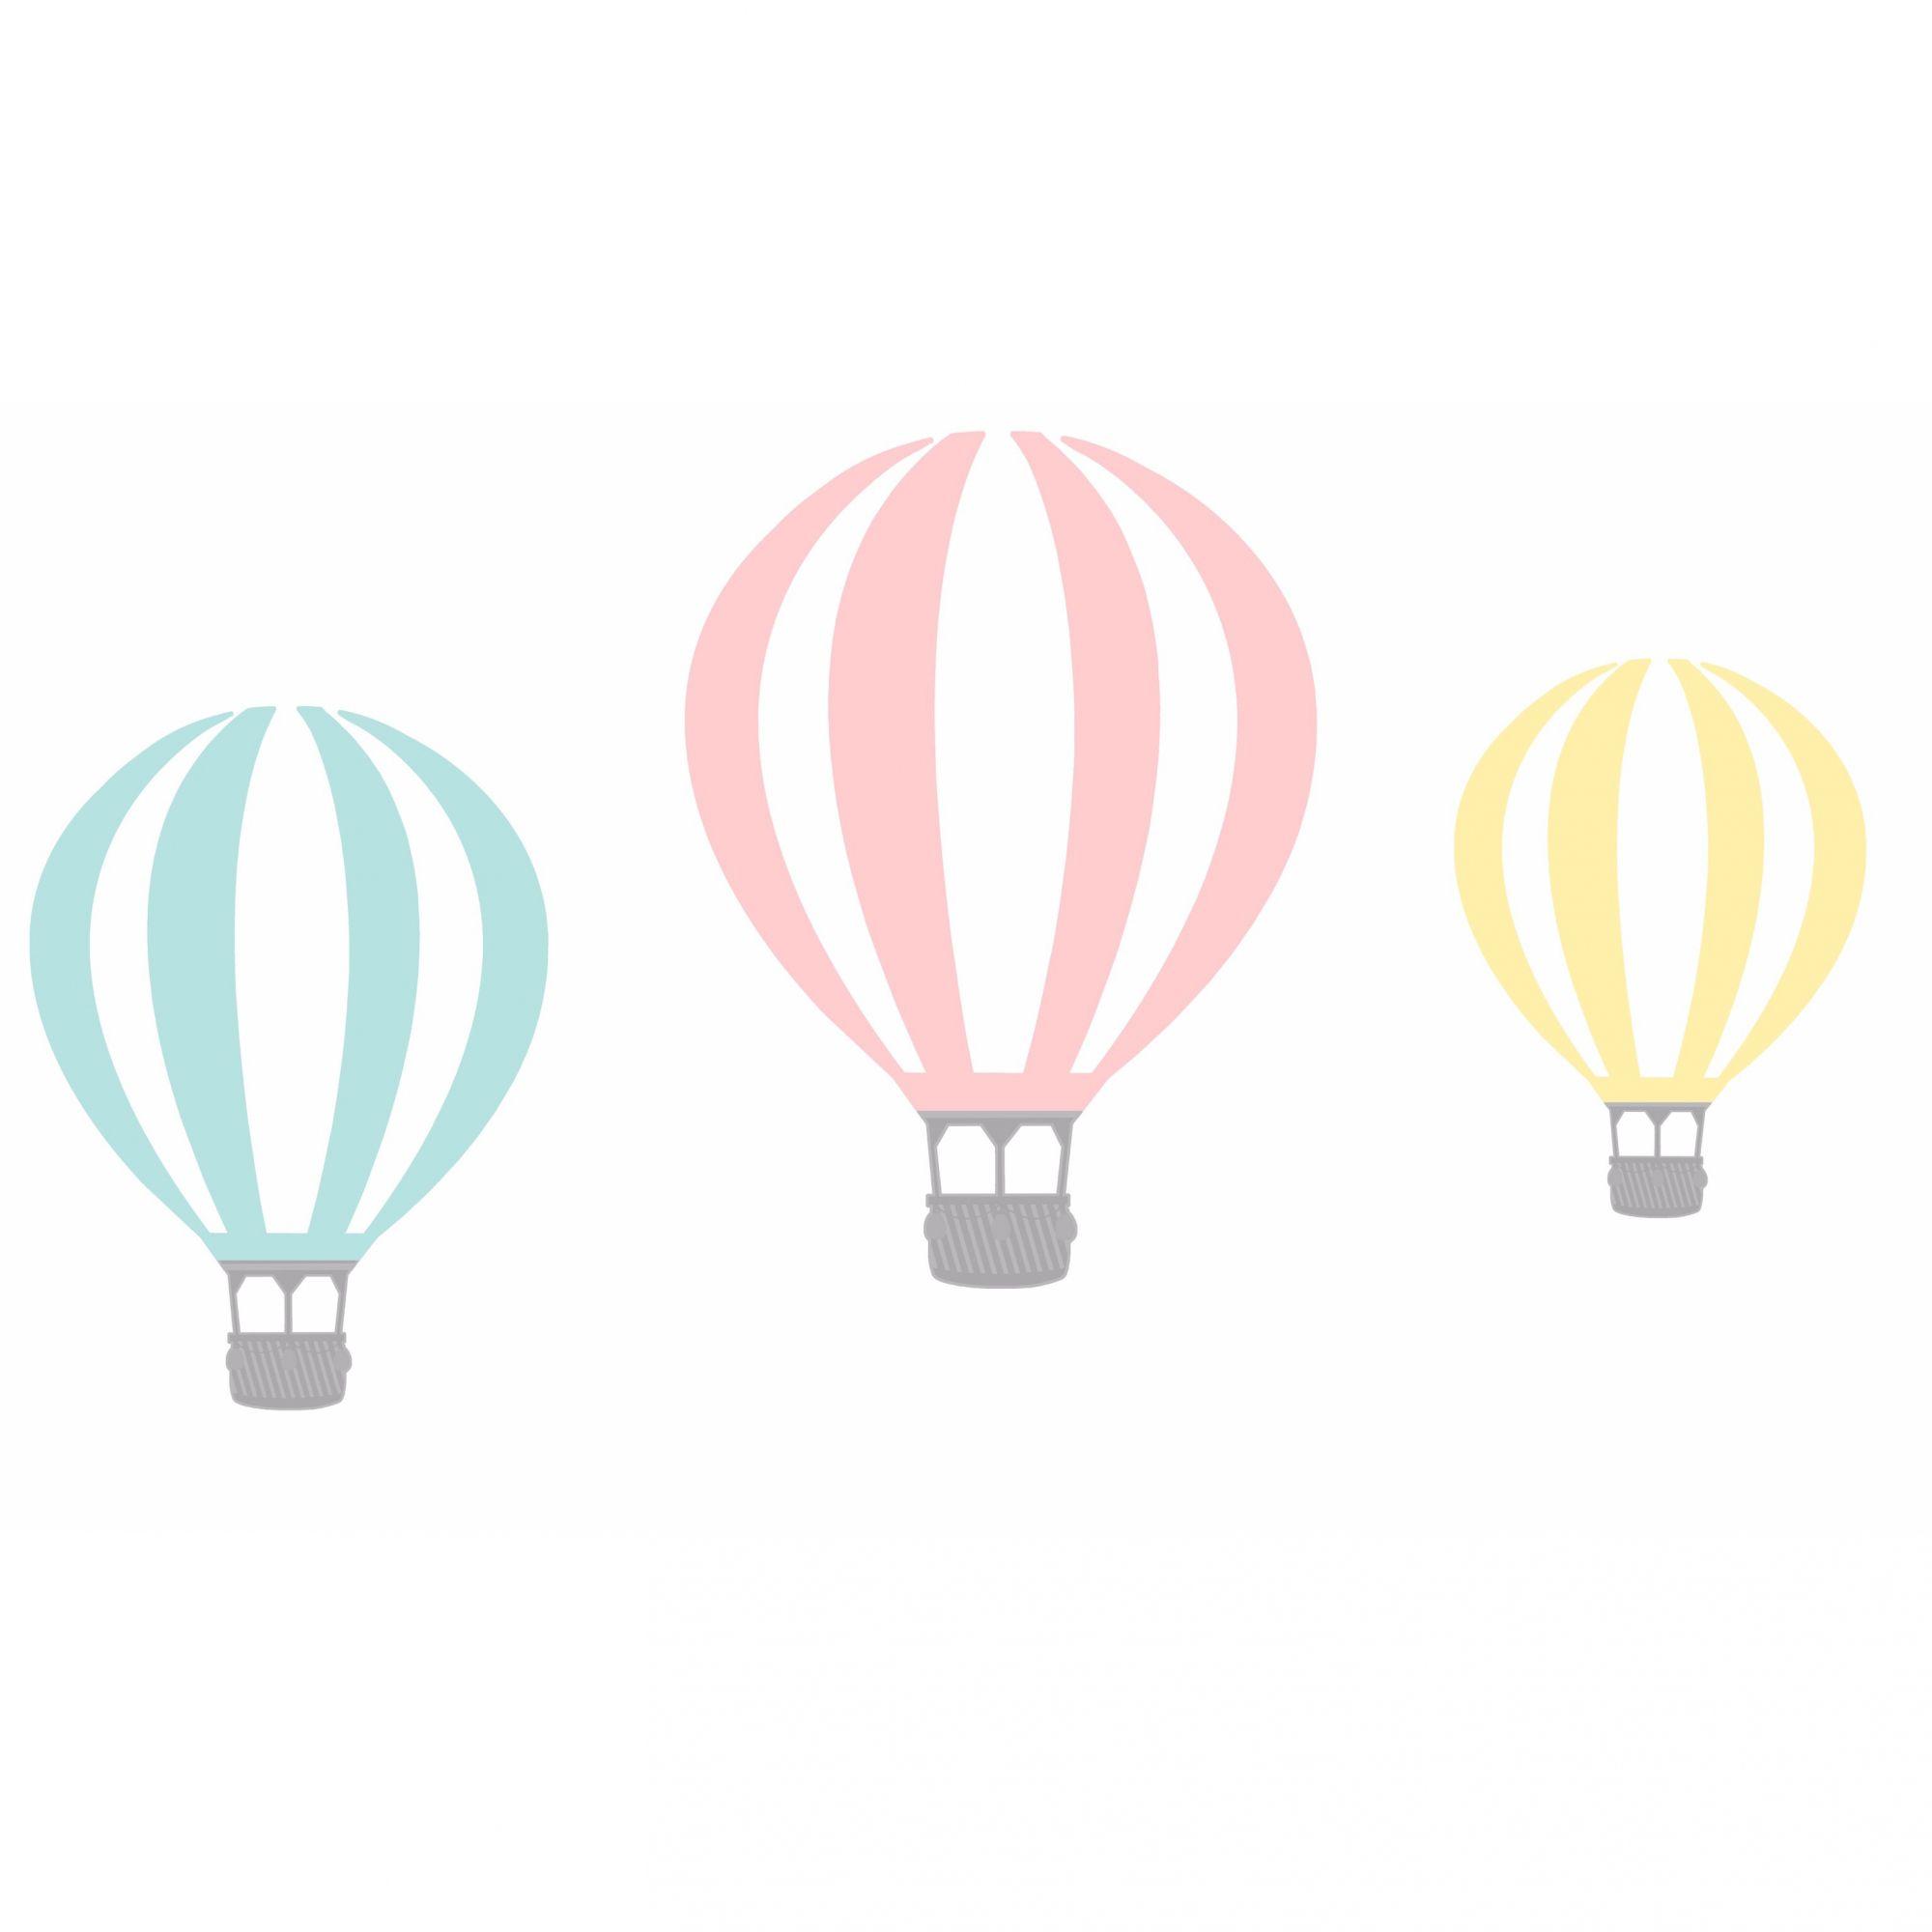 Adesivo Balão Alex  - Ideias de Mamãe